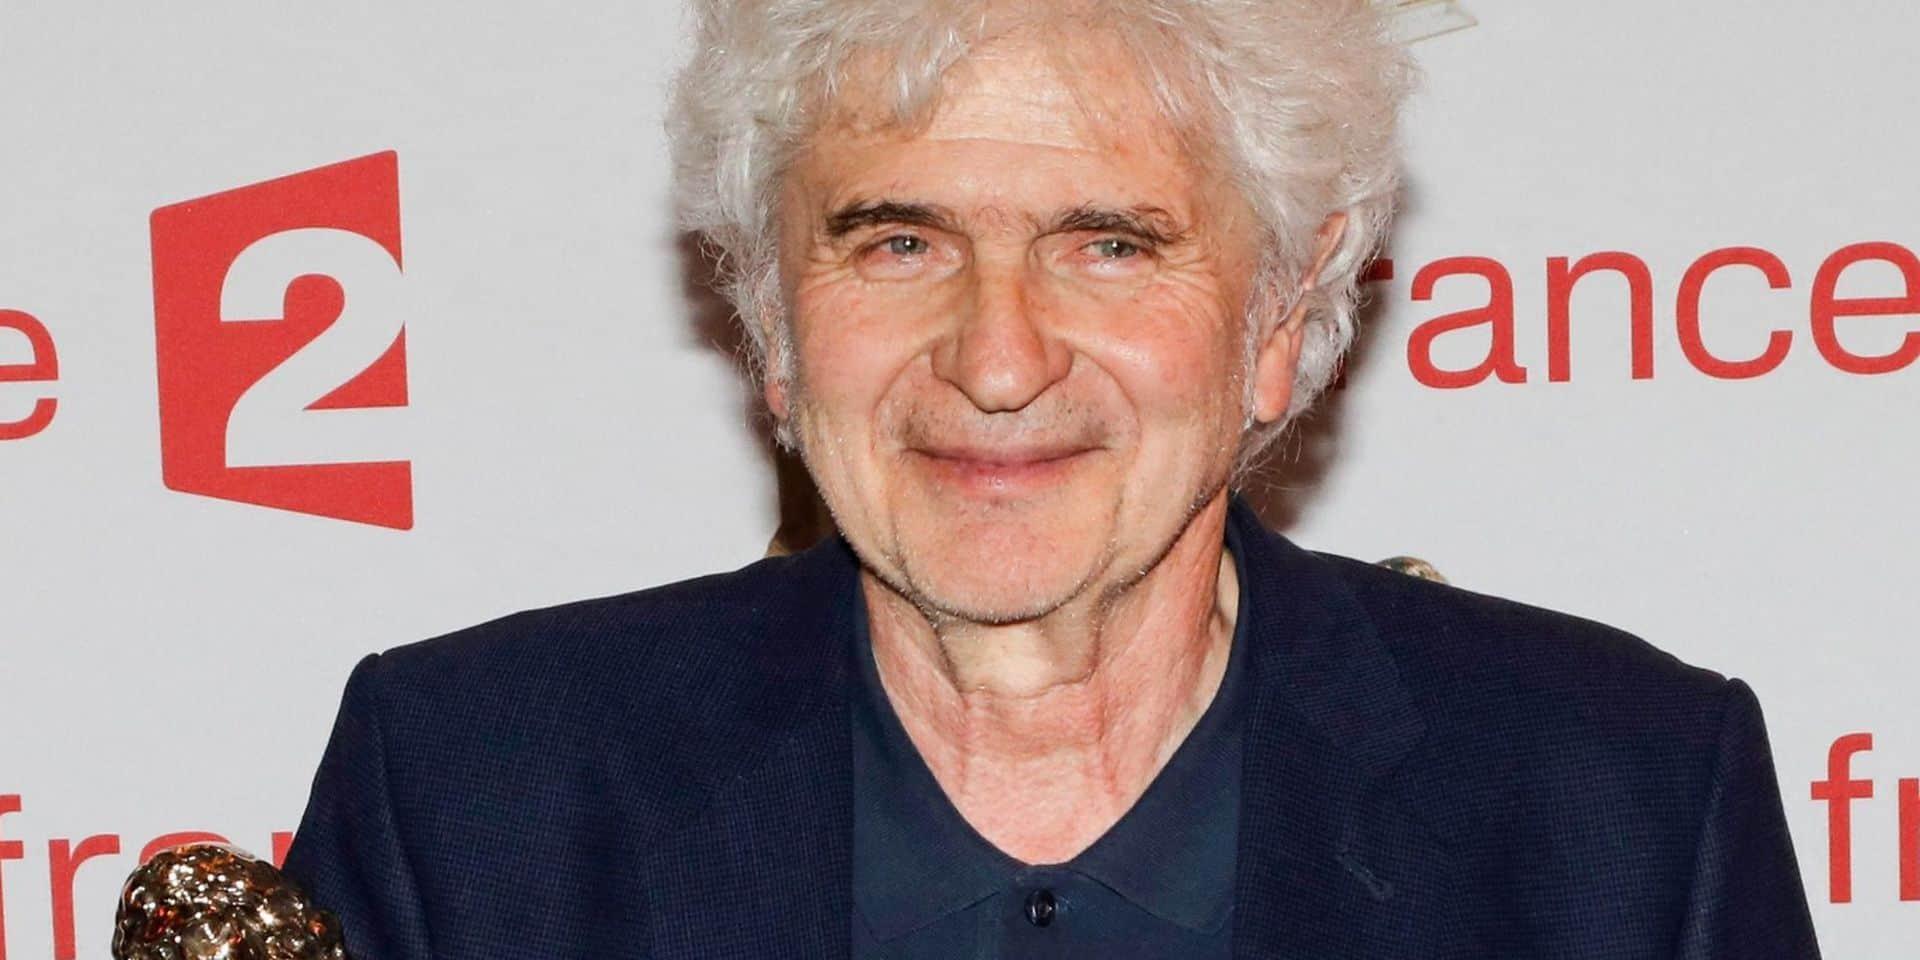 France: le metteur en scène Alain Françon grièvement blessé à l'arme blanche